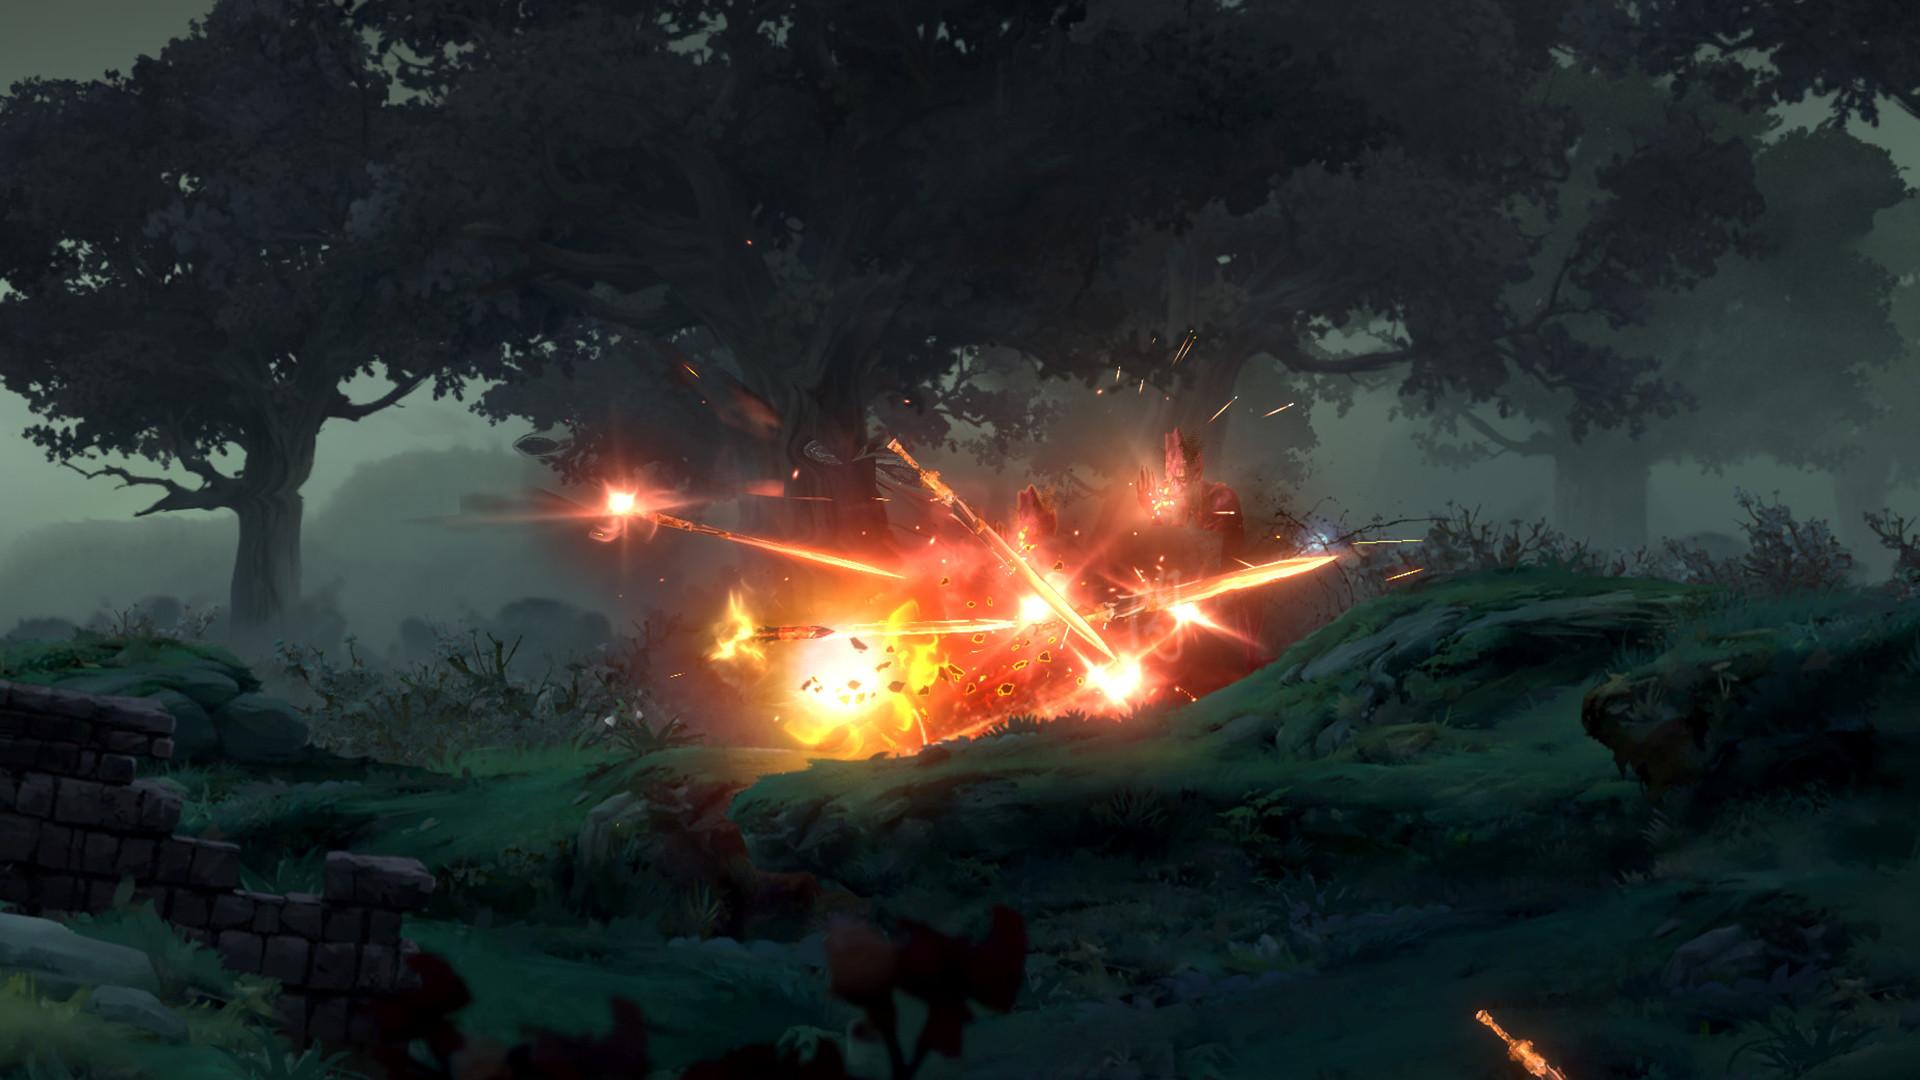 《斩妖行》公开全新预告片 8月14日Steam抢先体验